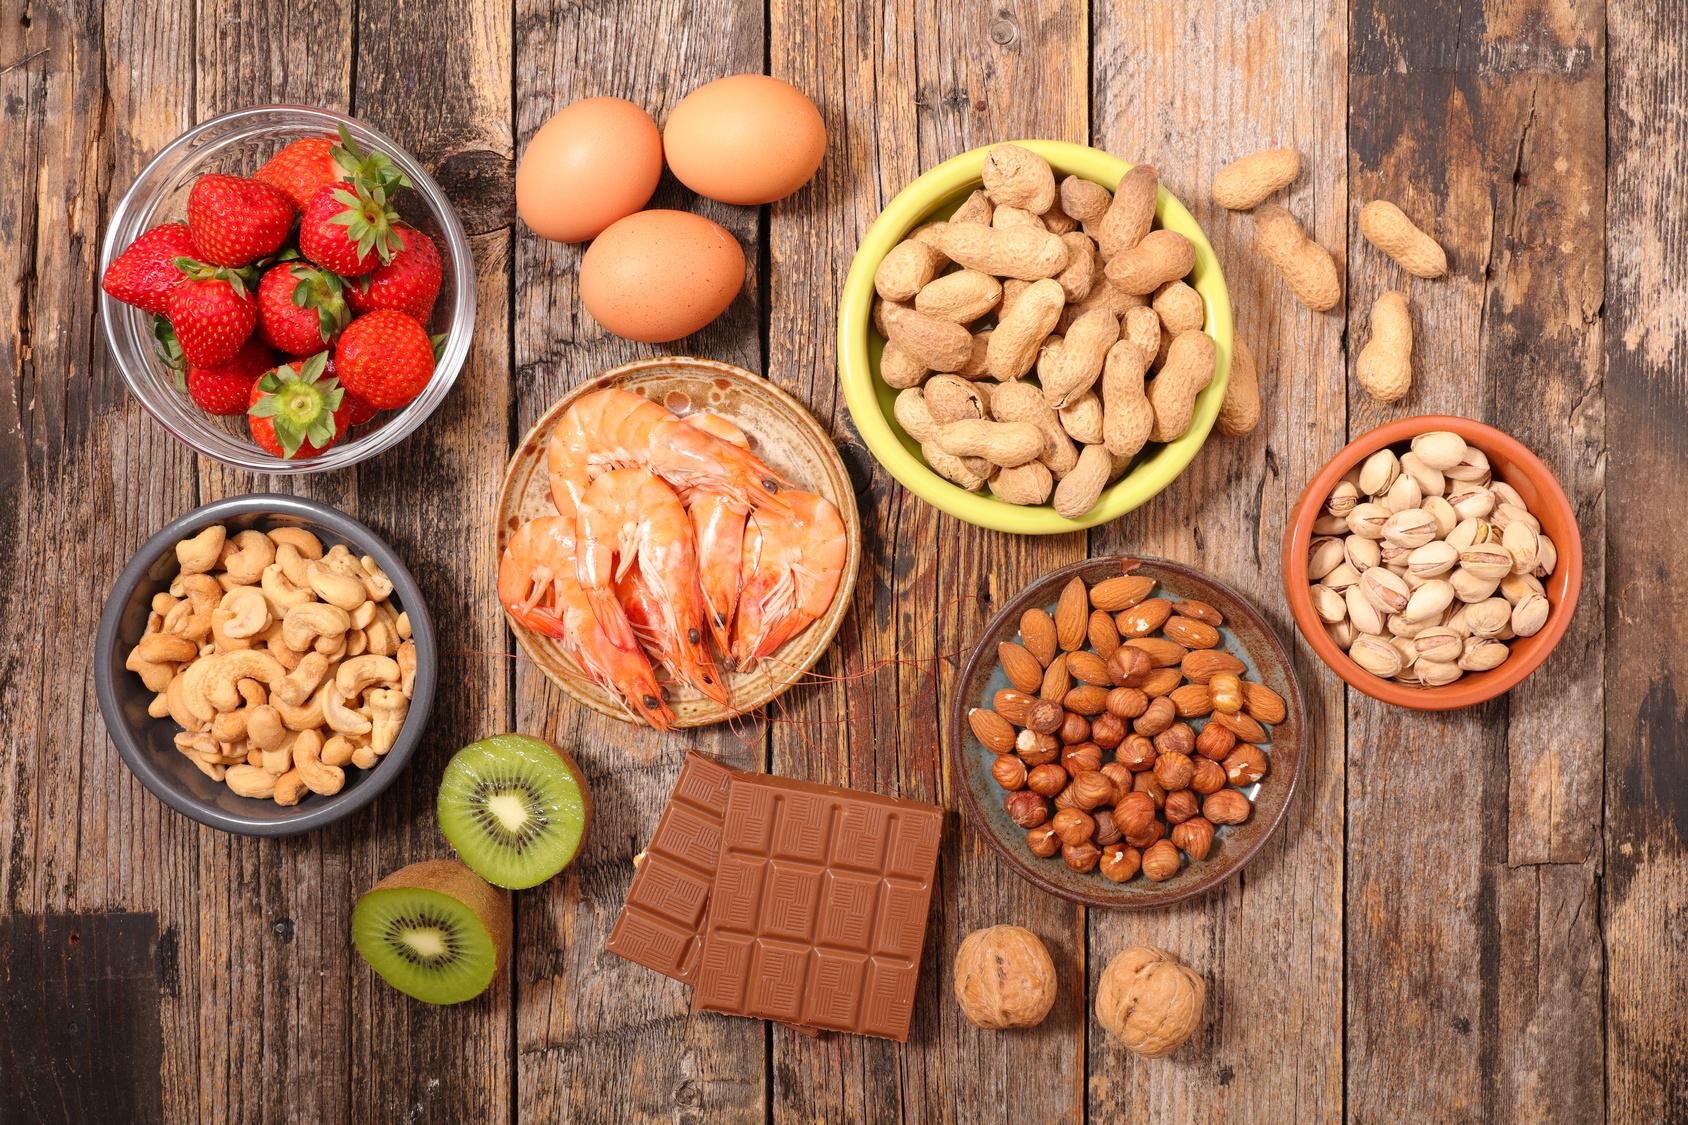 dieta povera di istamina e ricca di danni